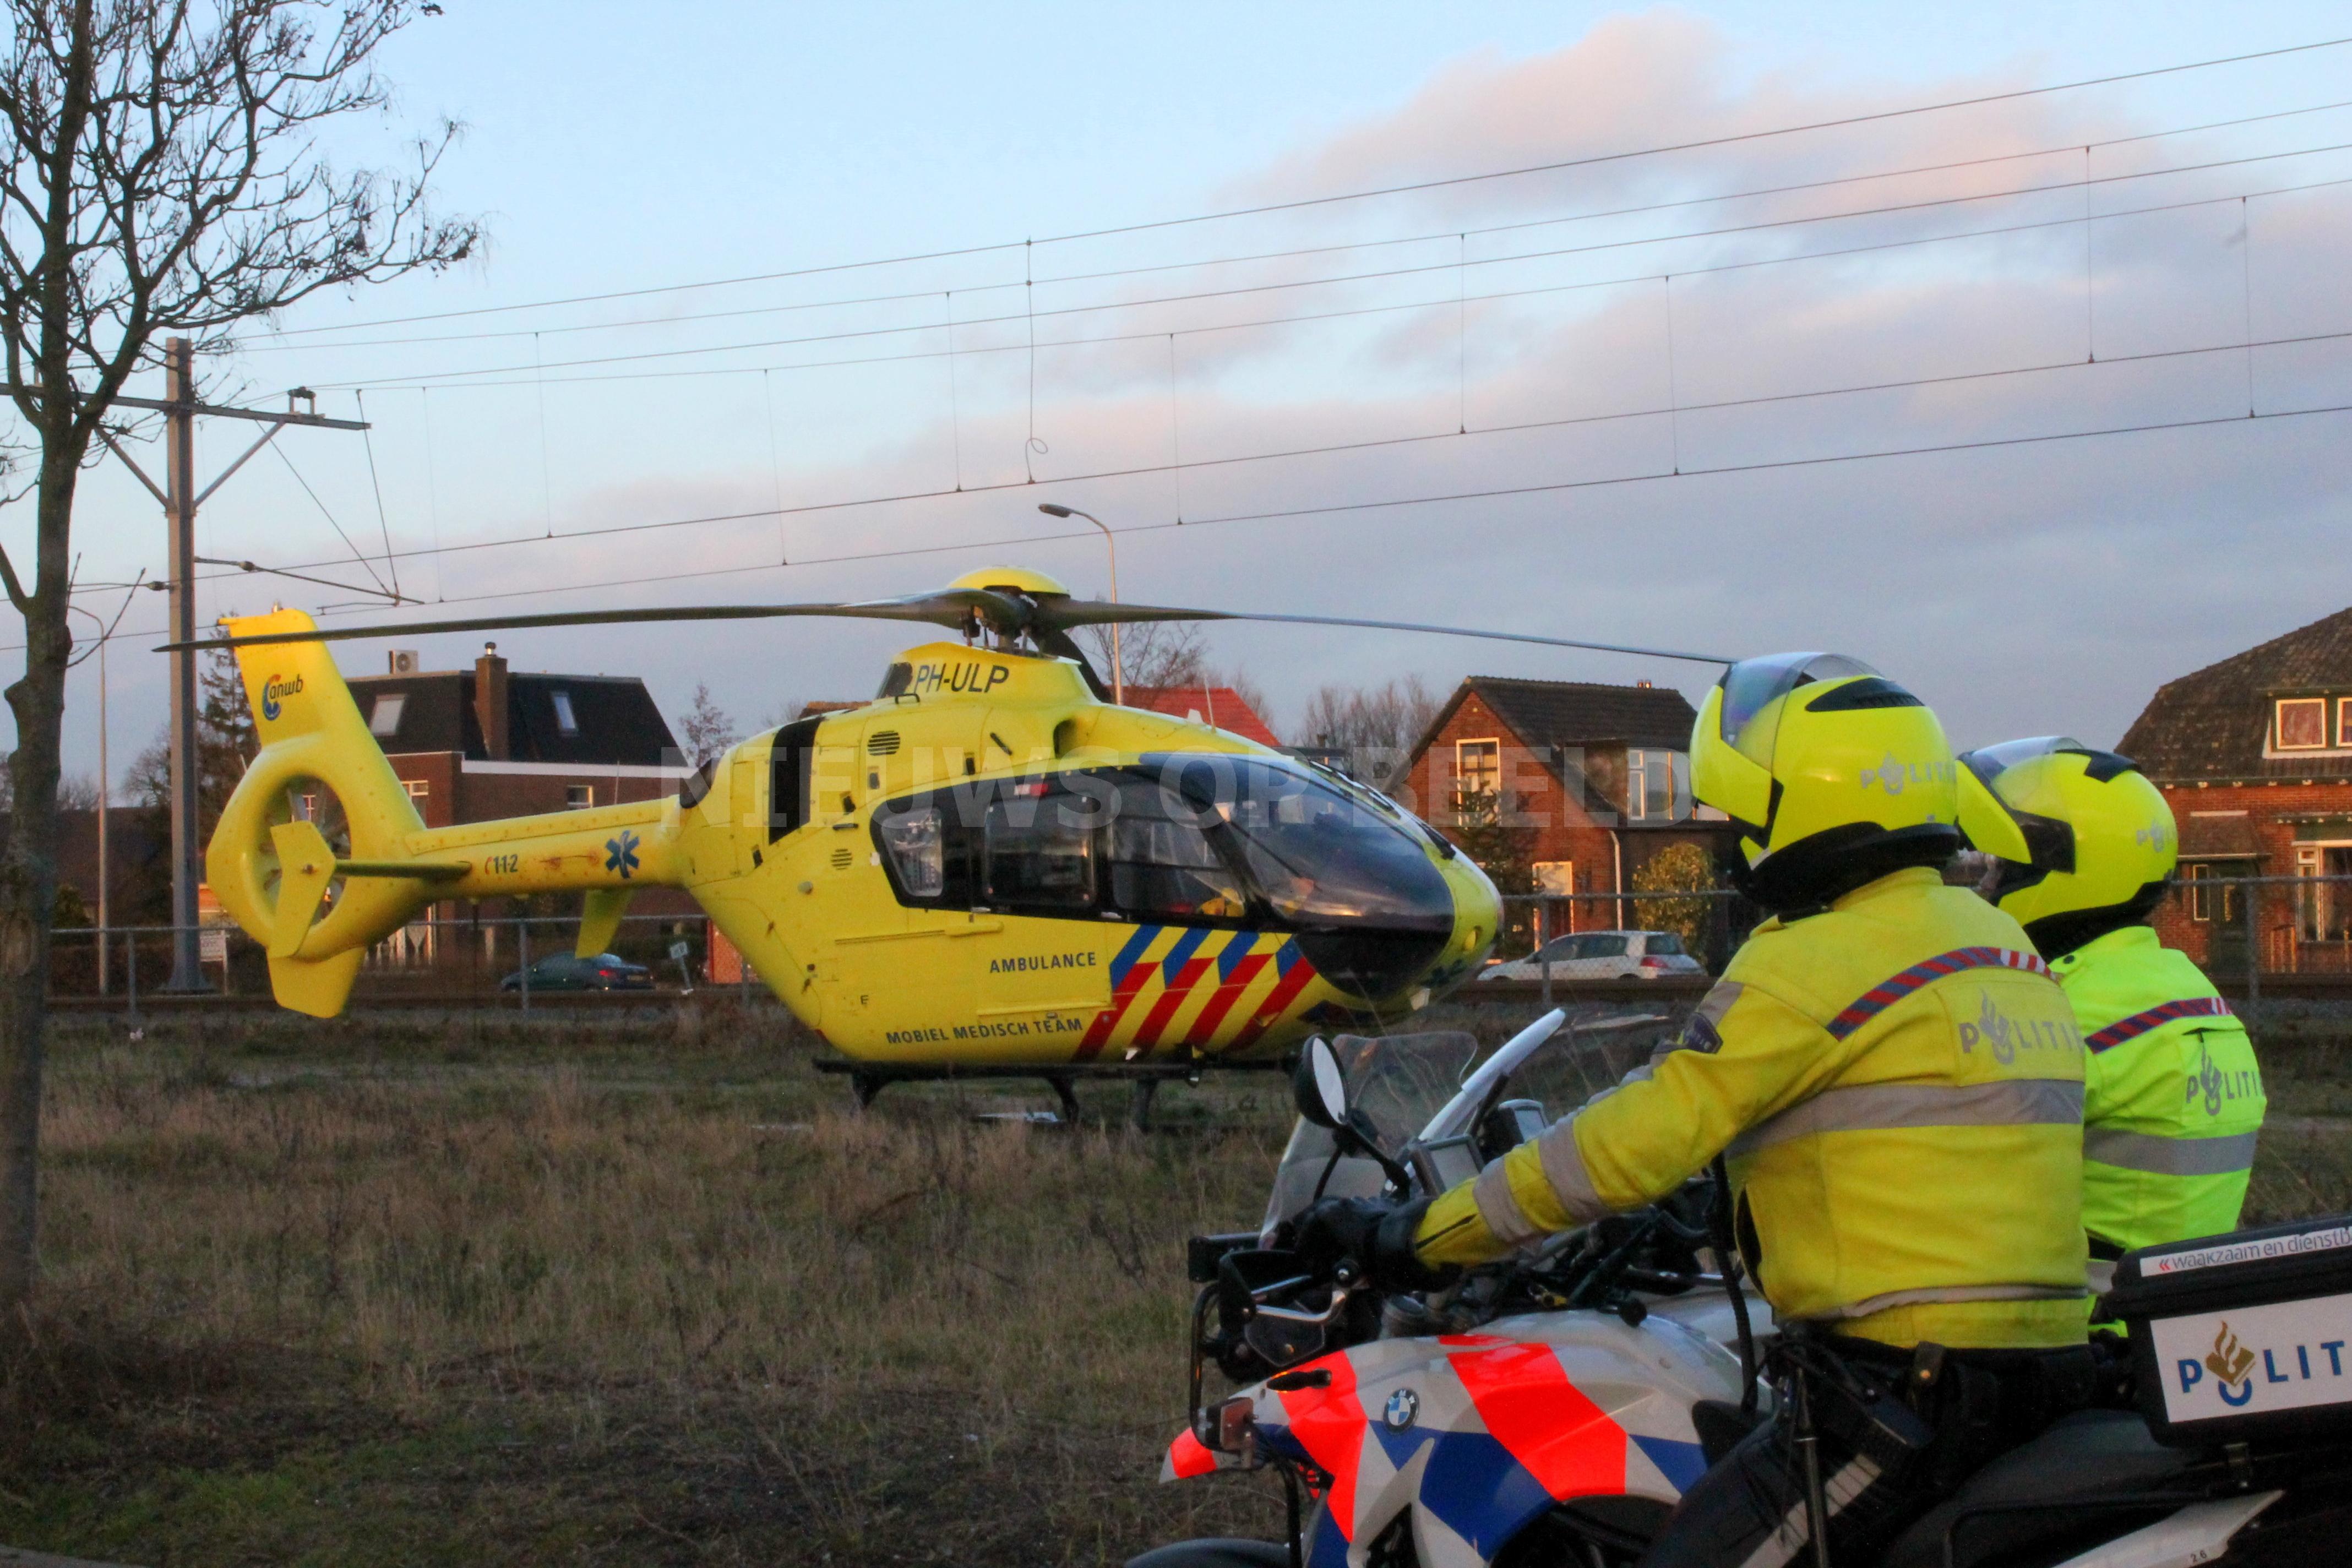 N59 afgesloten tussen Den Bommel en Hellegatsplein door aanrijding met twee zwaar gewonden